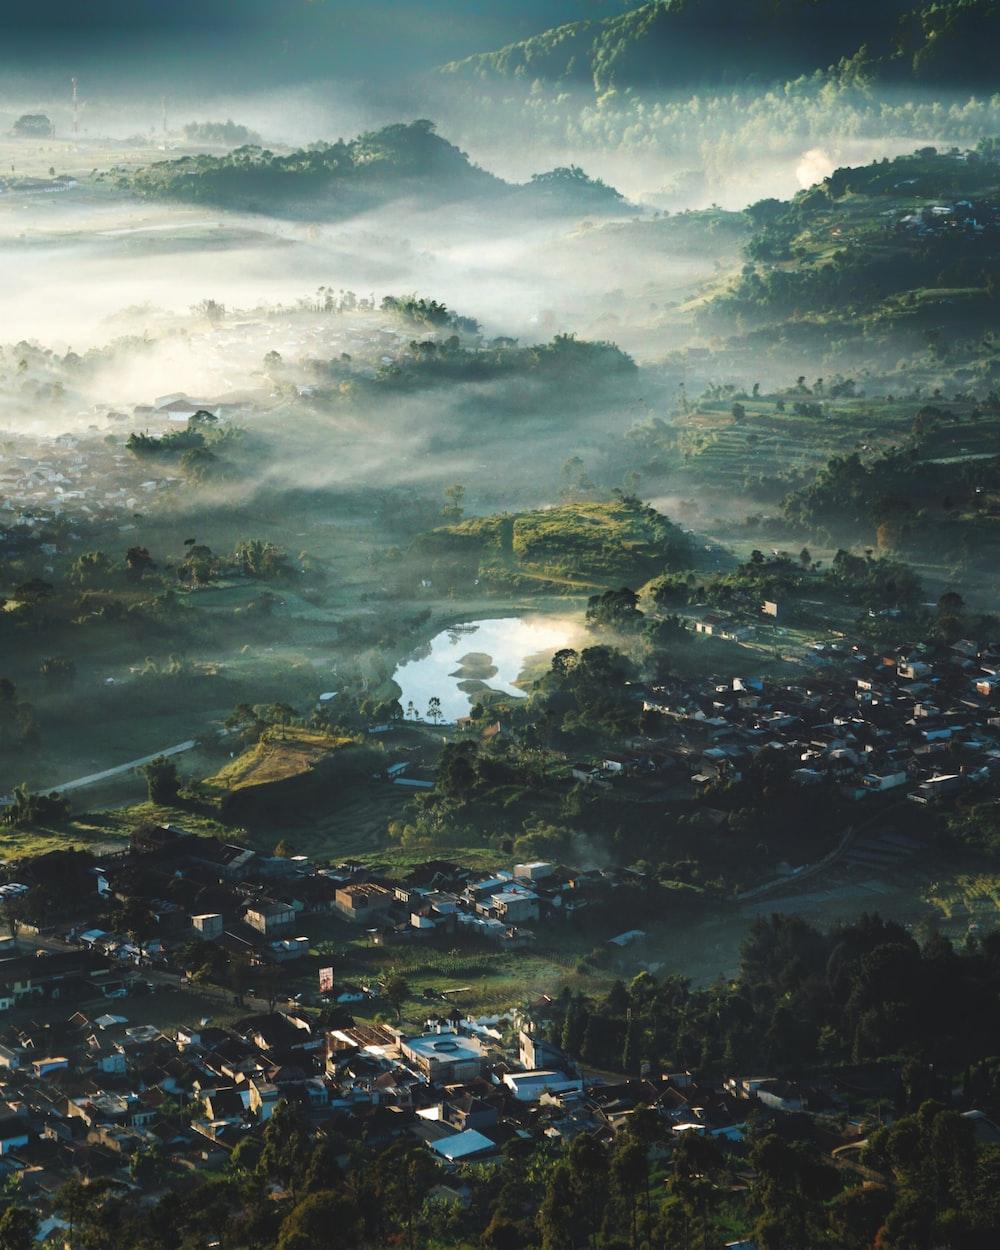 bird's eye view of village